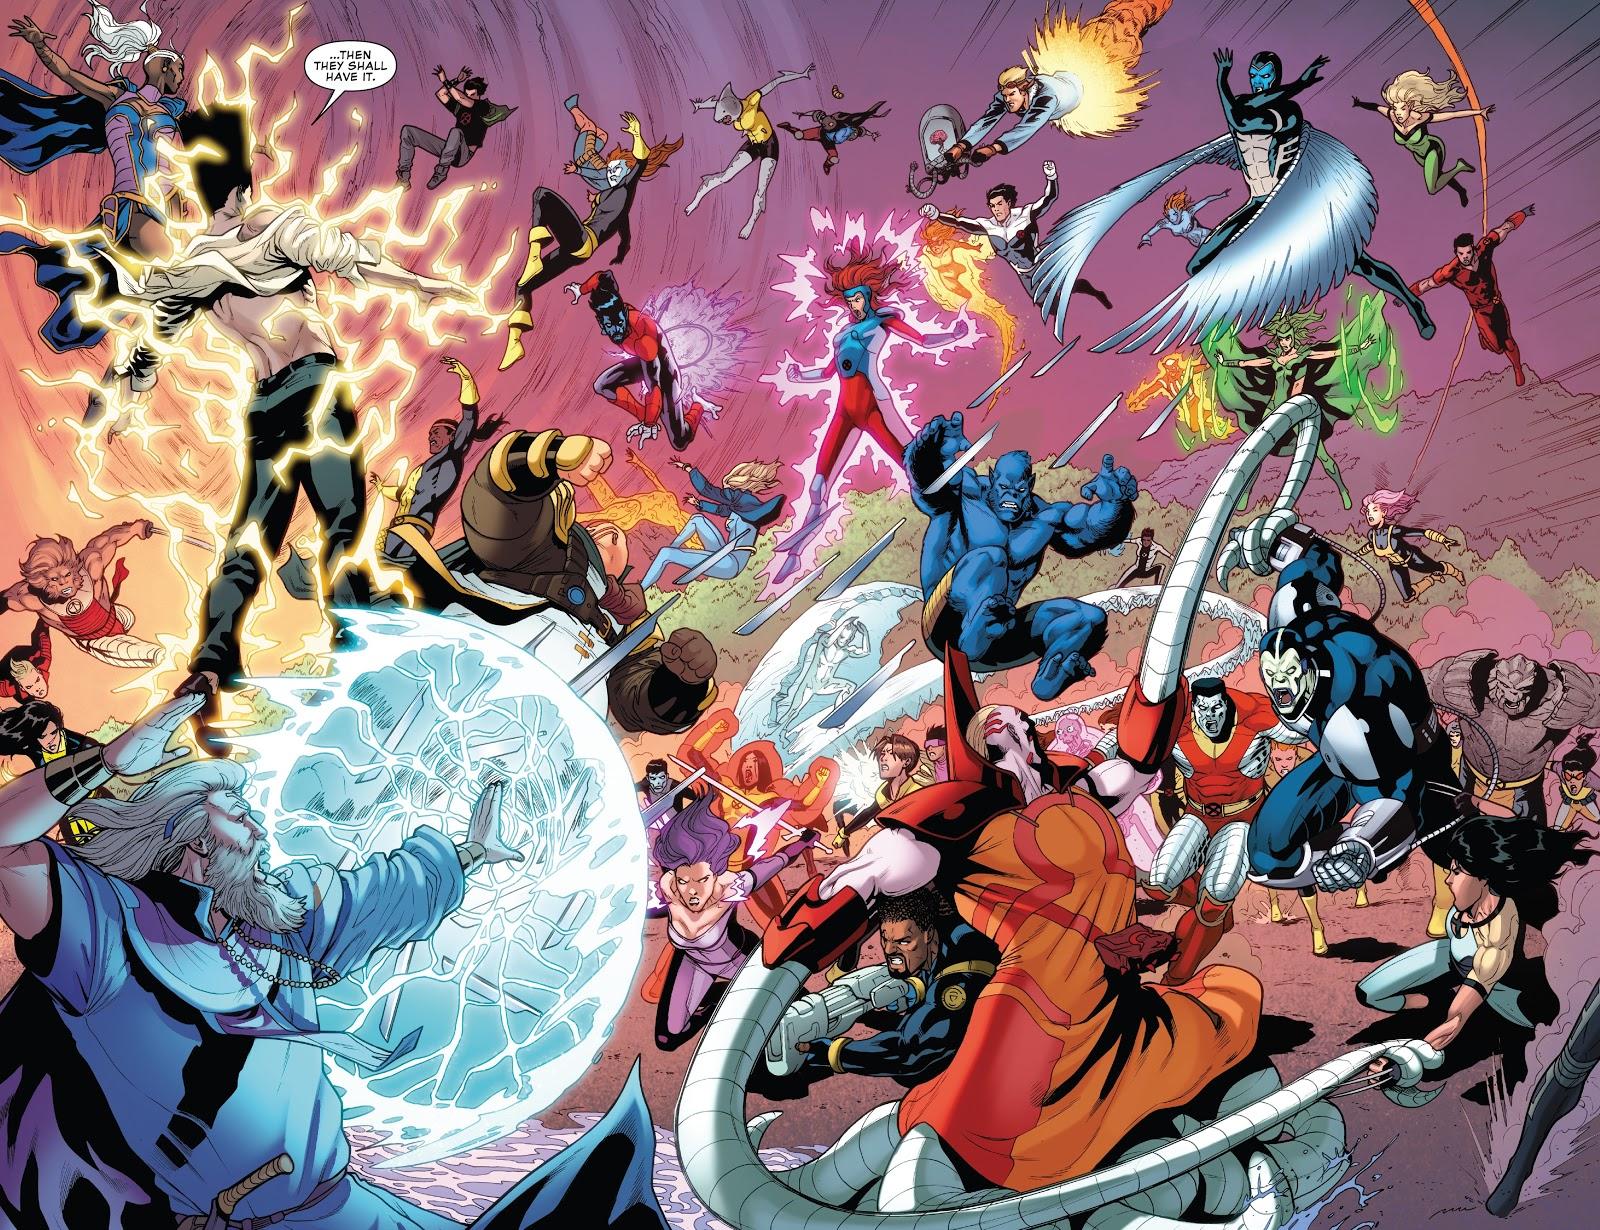 x-men disassembled (uncanny x-men vol. 5 #10)